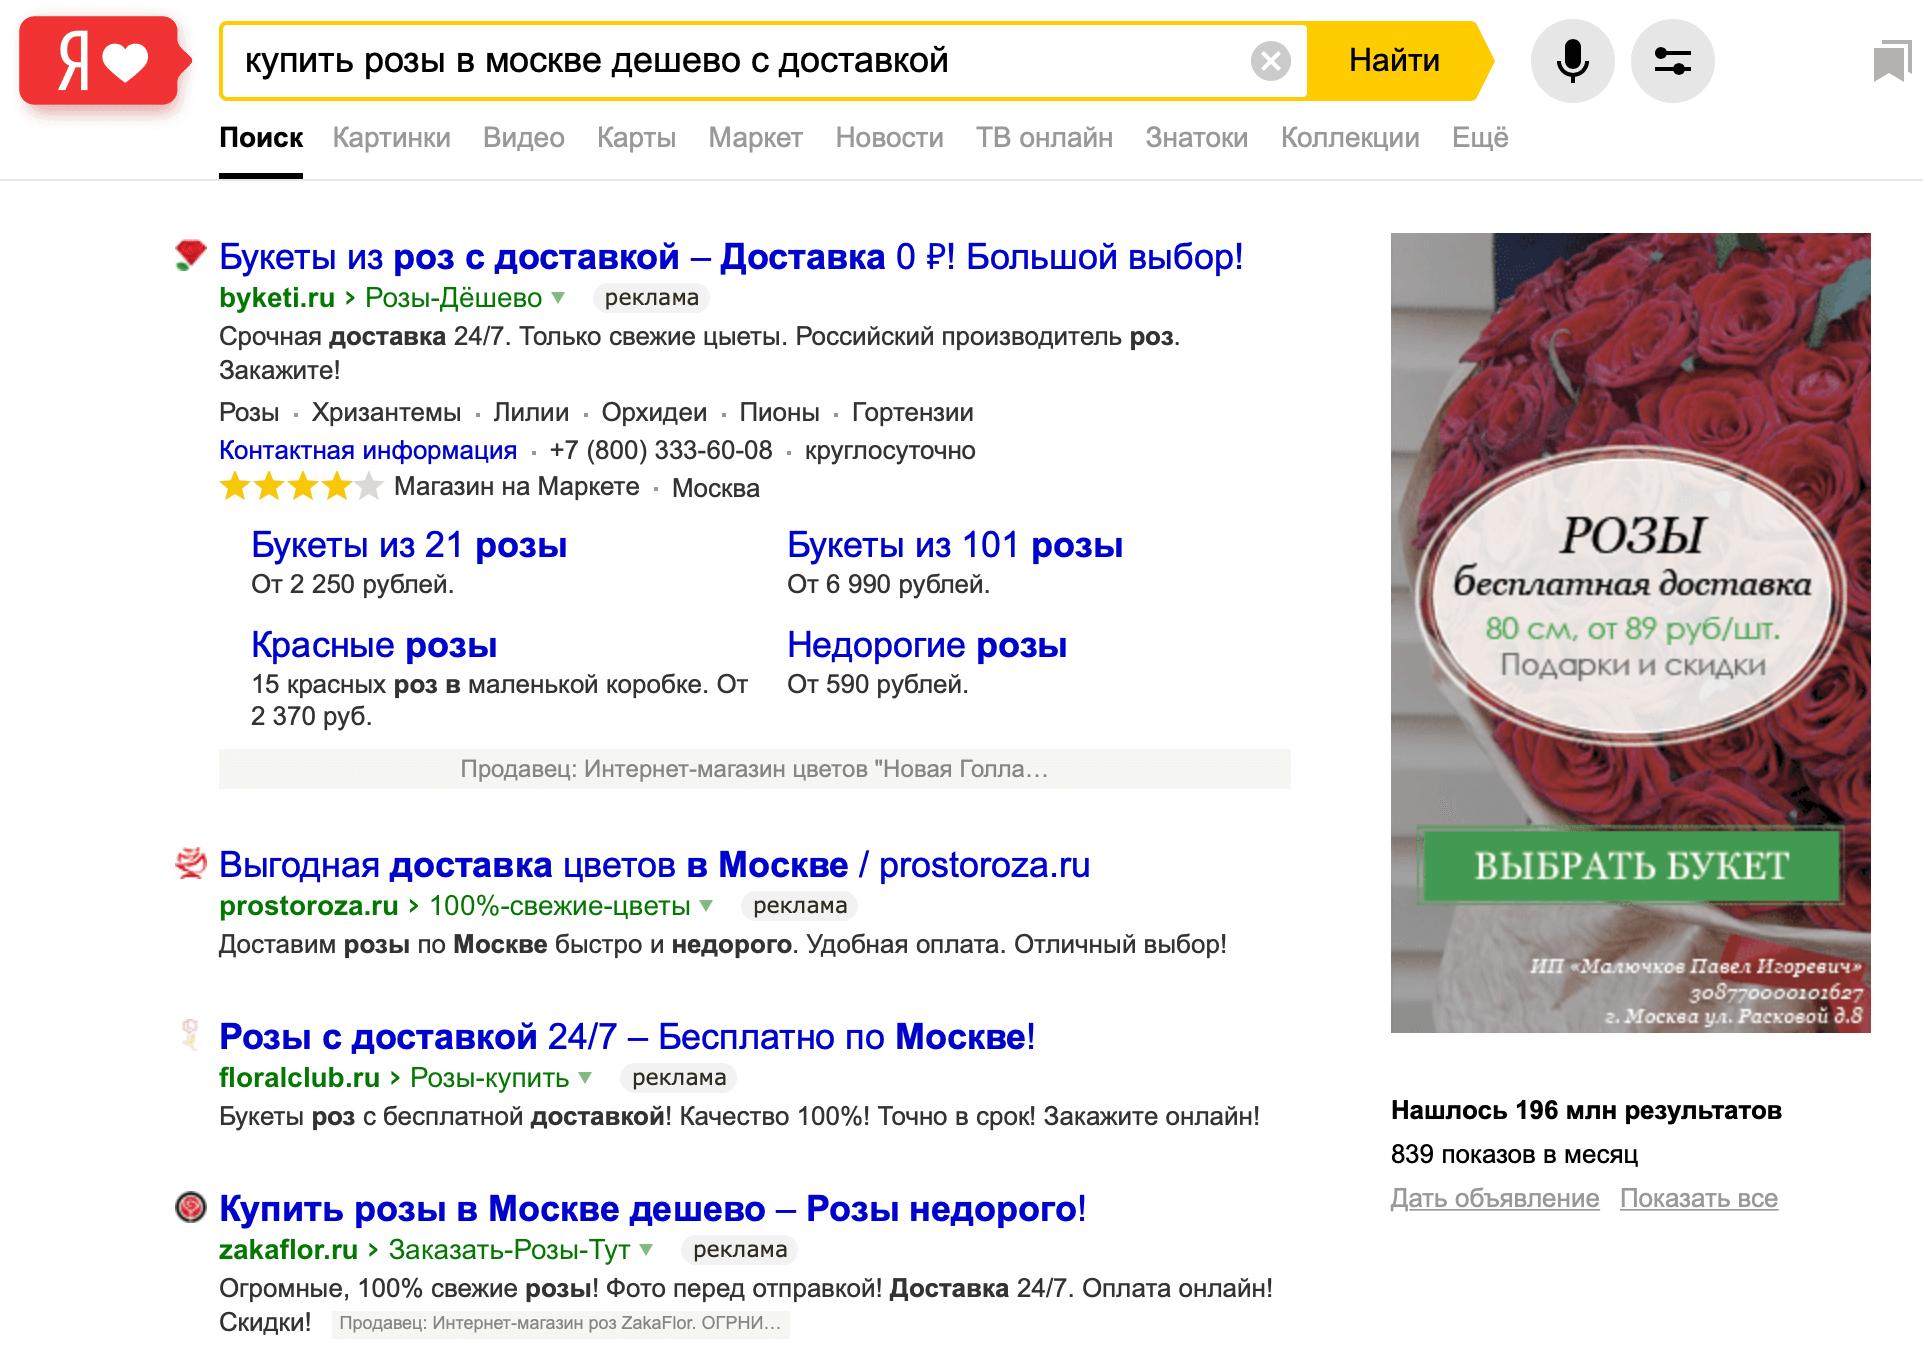 Минималистичные объявления в Яндекс.Директе